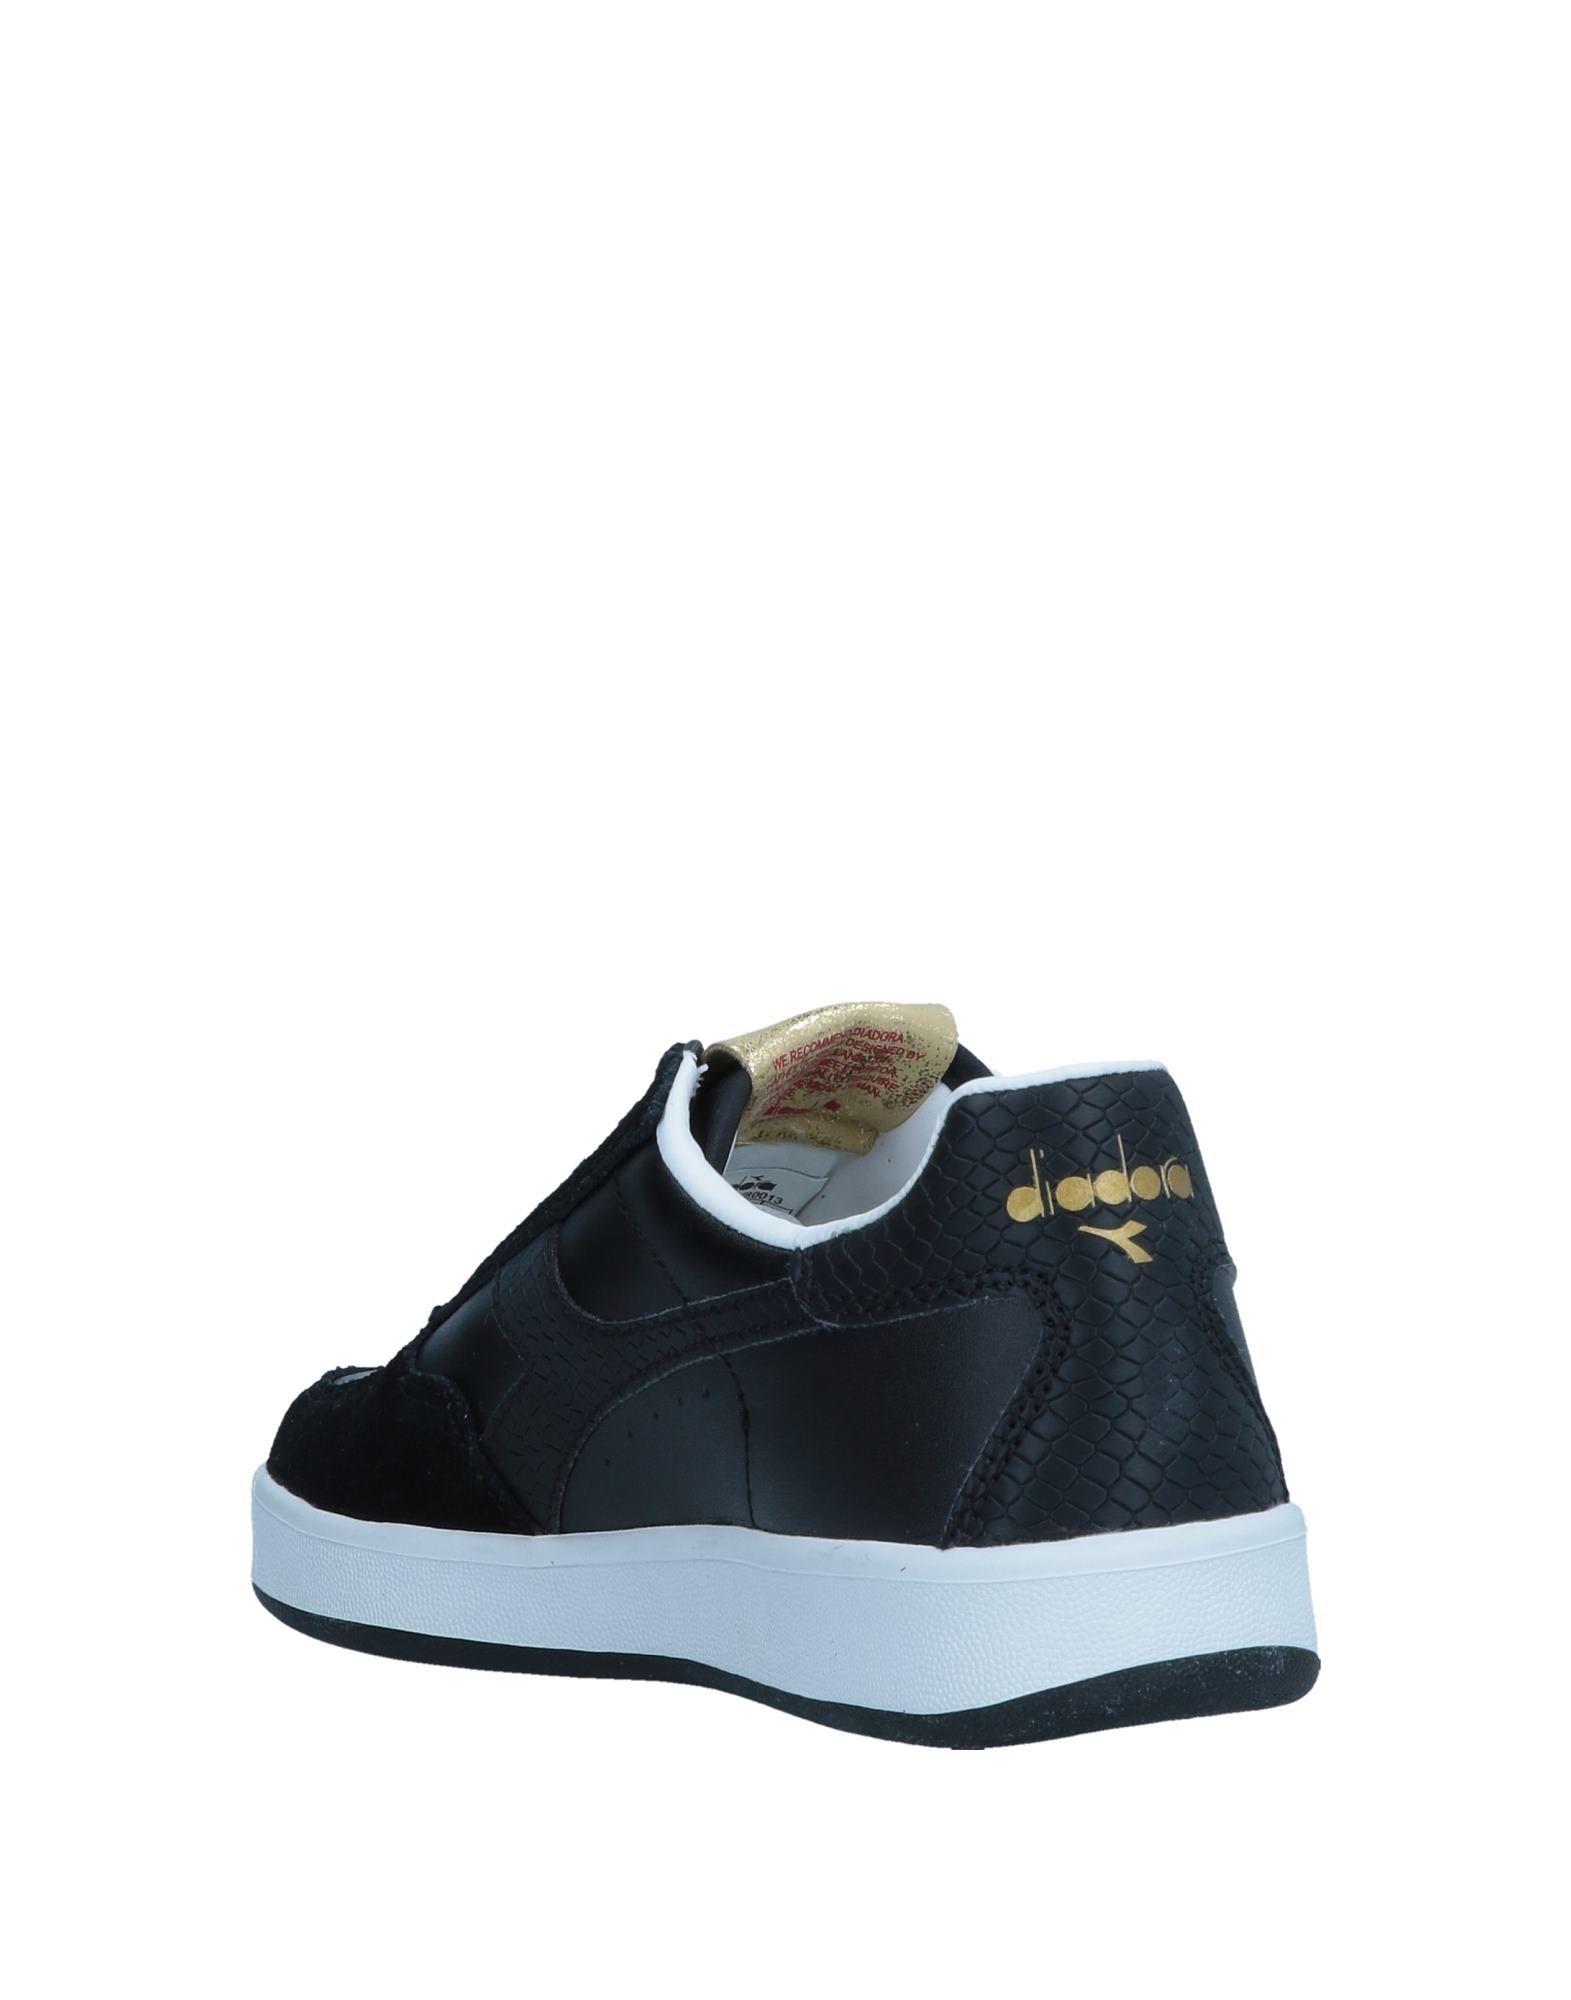 Diadora Sneakers Damen  11547080OJ Schuhe Gute Qualität beliebte Schuhe 11547080OJ 87a7b4